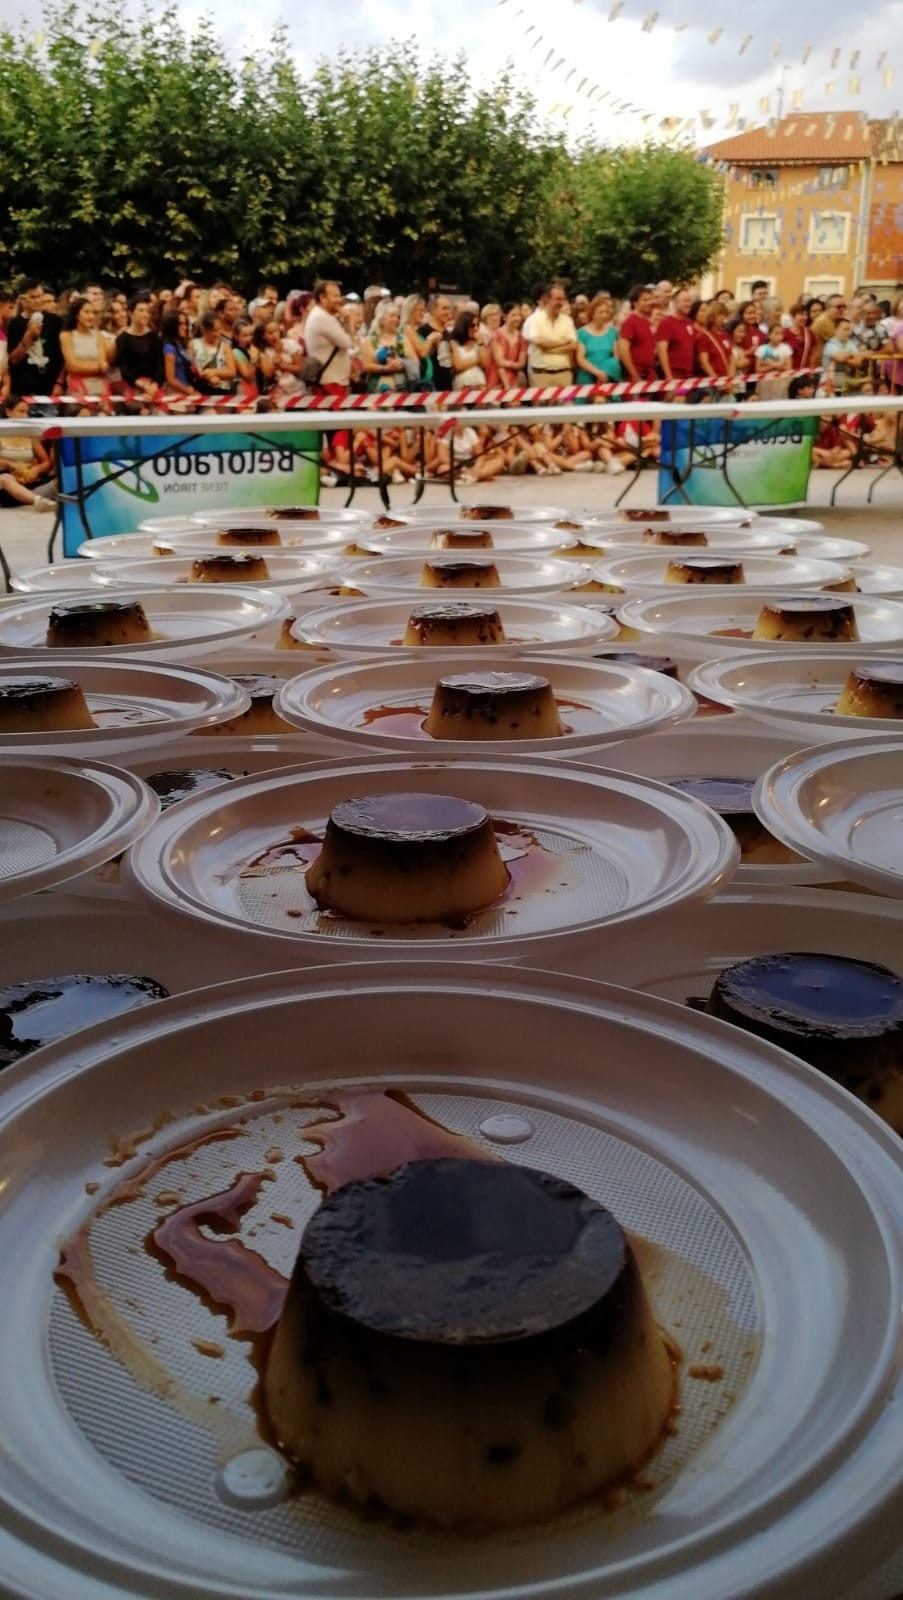 Belorado buscará el récord Guinness de succión de flanes